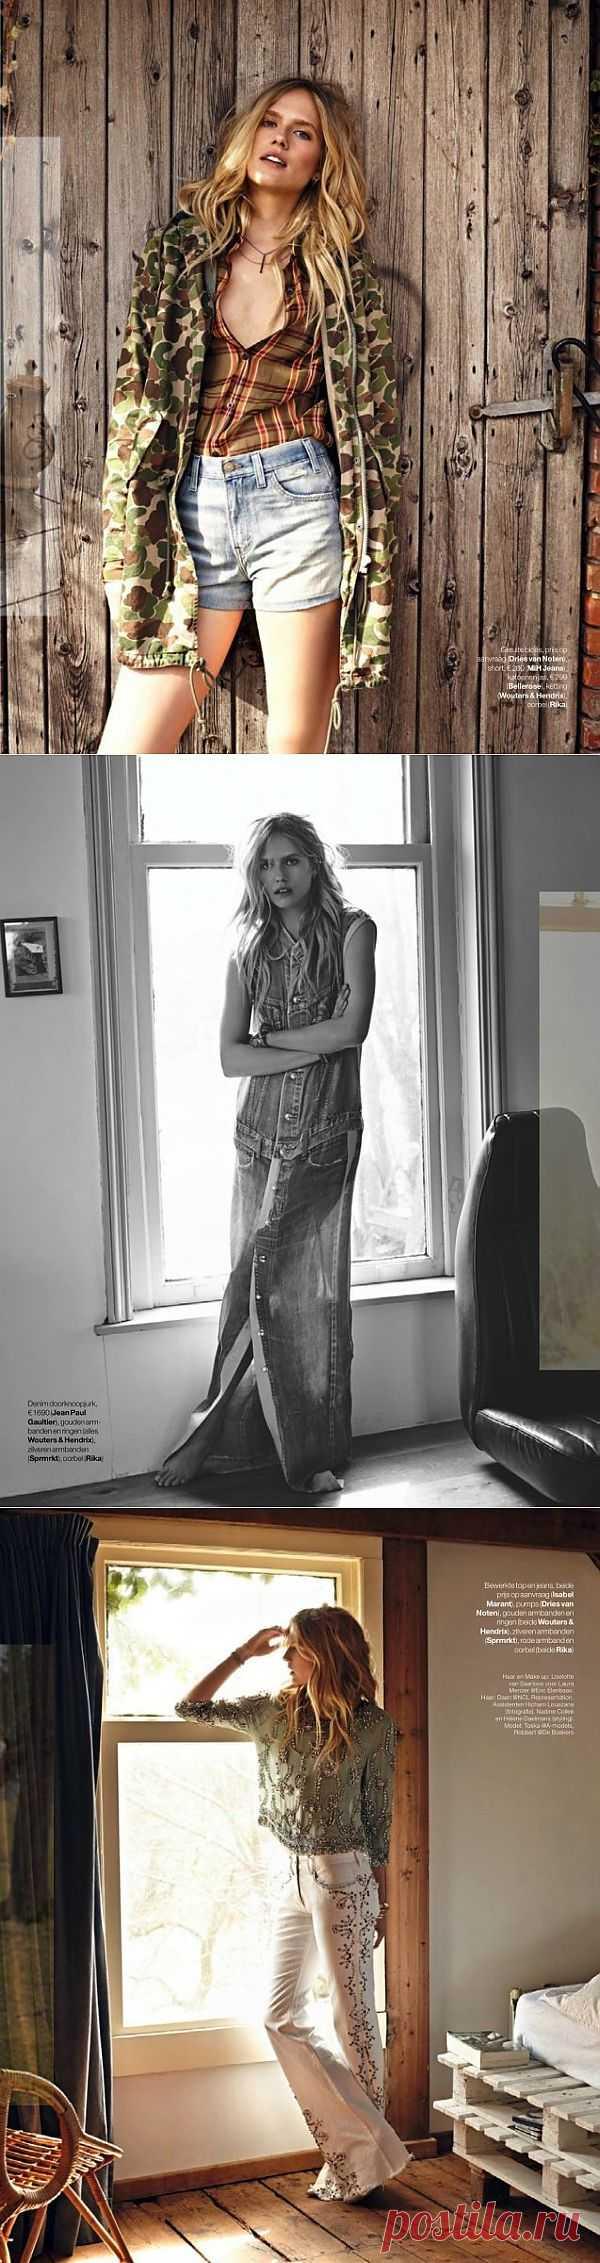 Июльский деним / Обзор журналов / Модный сайт о стильной переделке одежды и интерьера